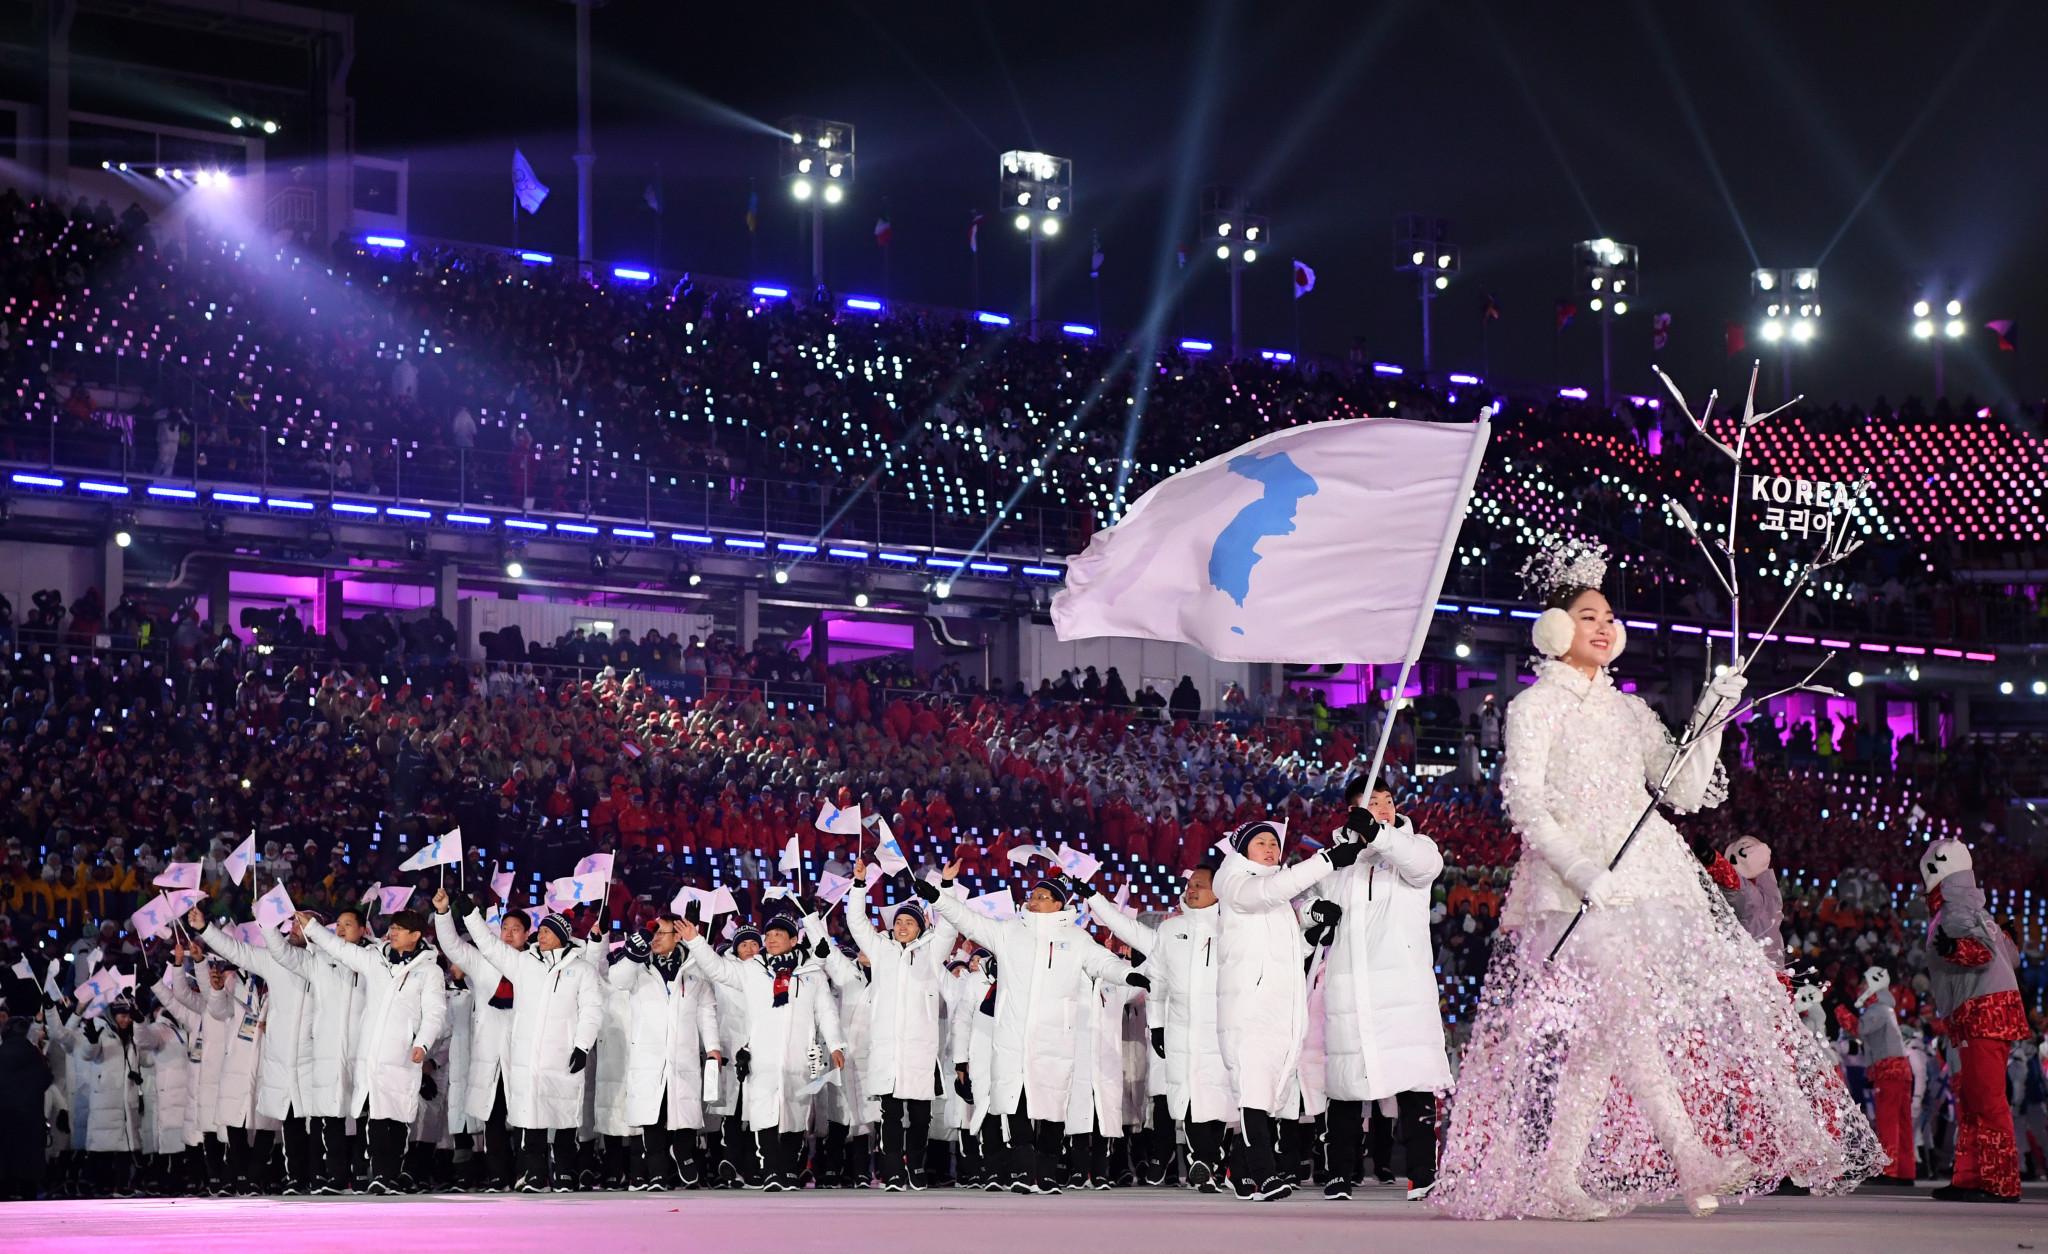 Looking back at the Pyeongchang 2018 Winter Olympics